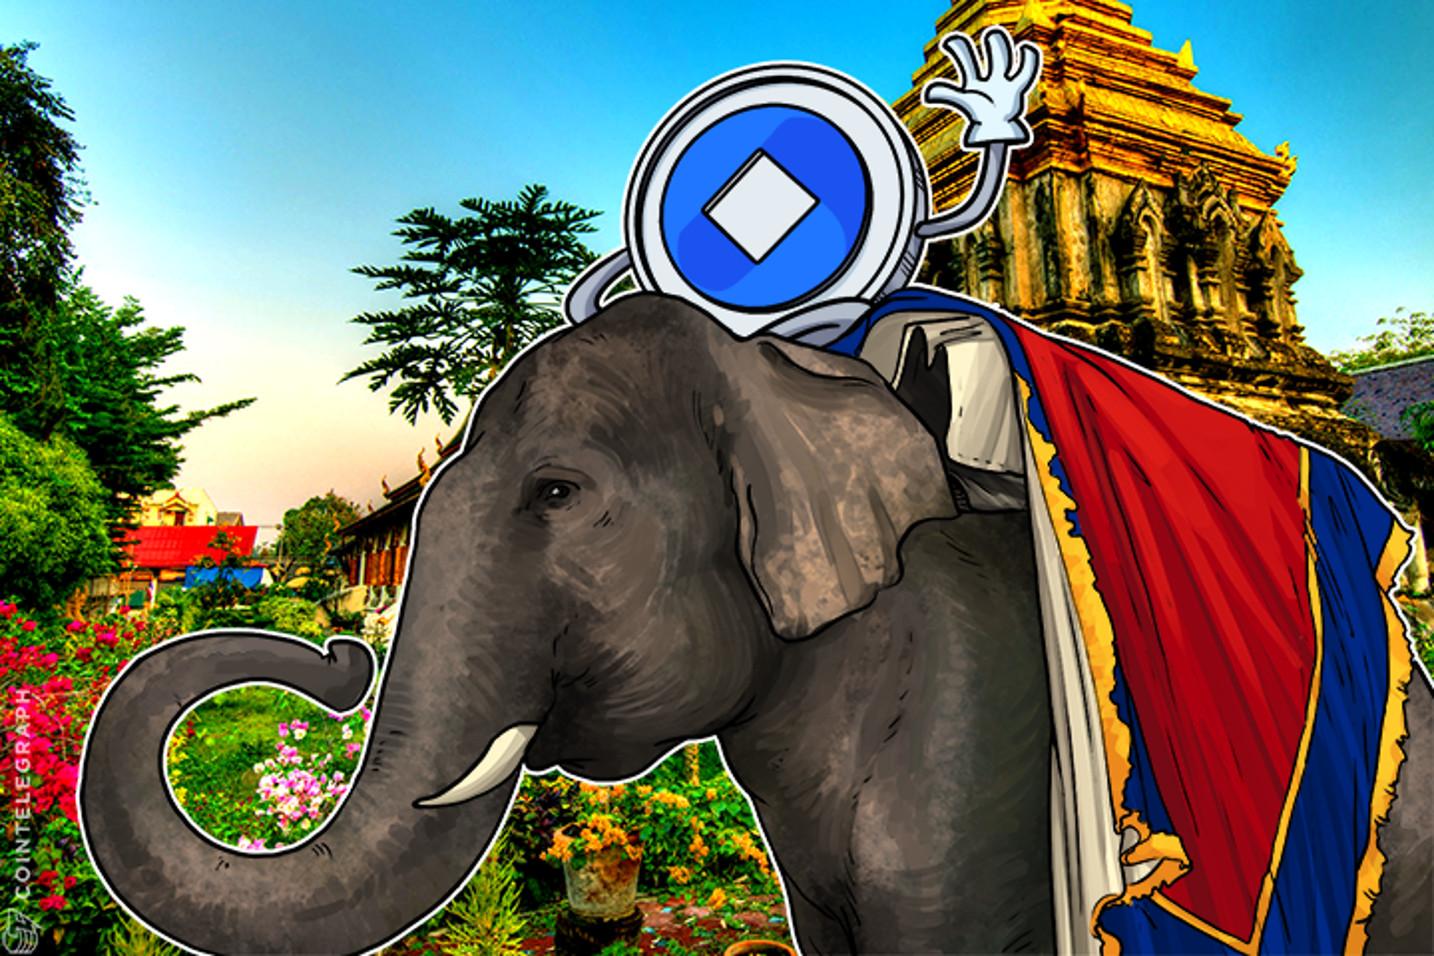 【追記あり】「事実ではない」仮想通貨決済サービスのOmise創業者 「タイのCPグループがOmise買収」報道でコメント